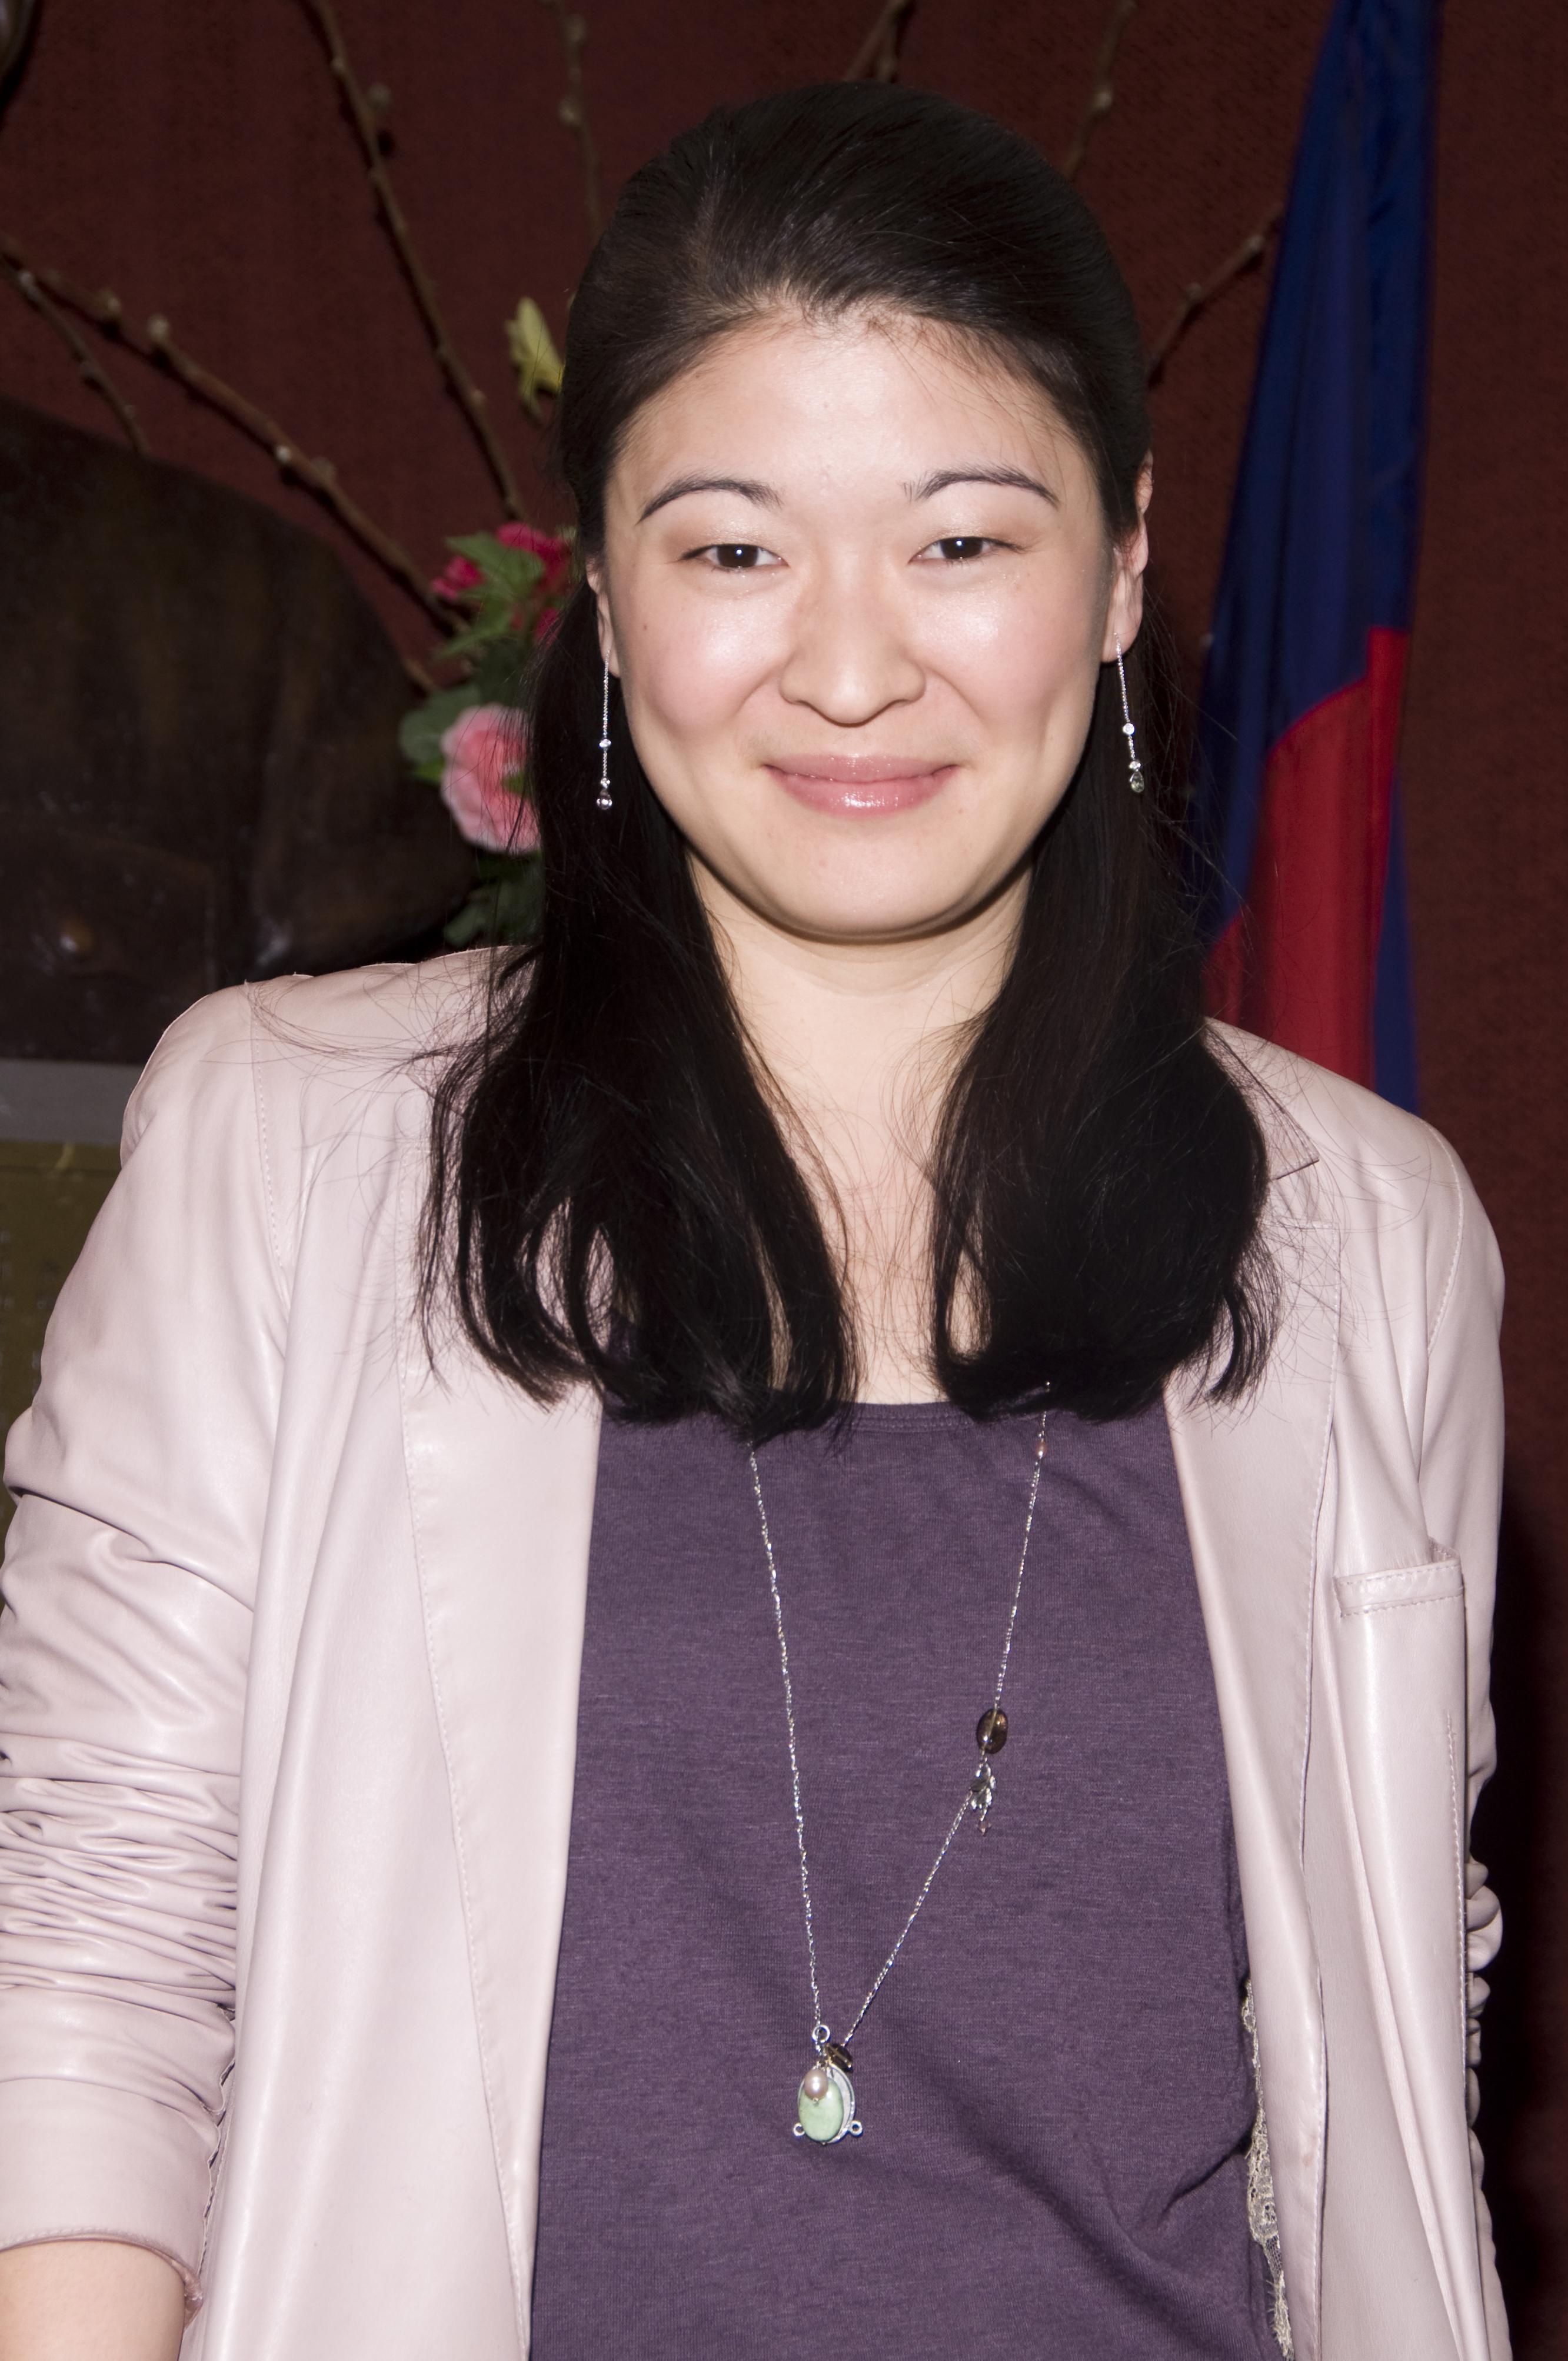 Jennifer Lim (theatre actress) nude (78 photos), pics Ass, YouTube, lingerie 2020